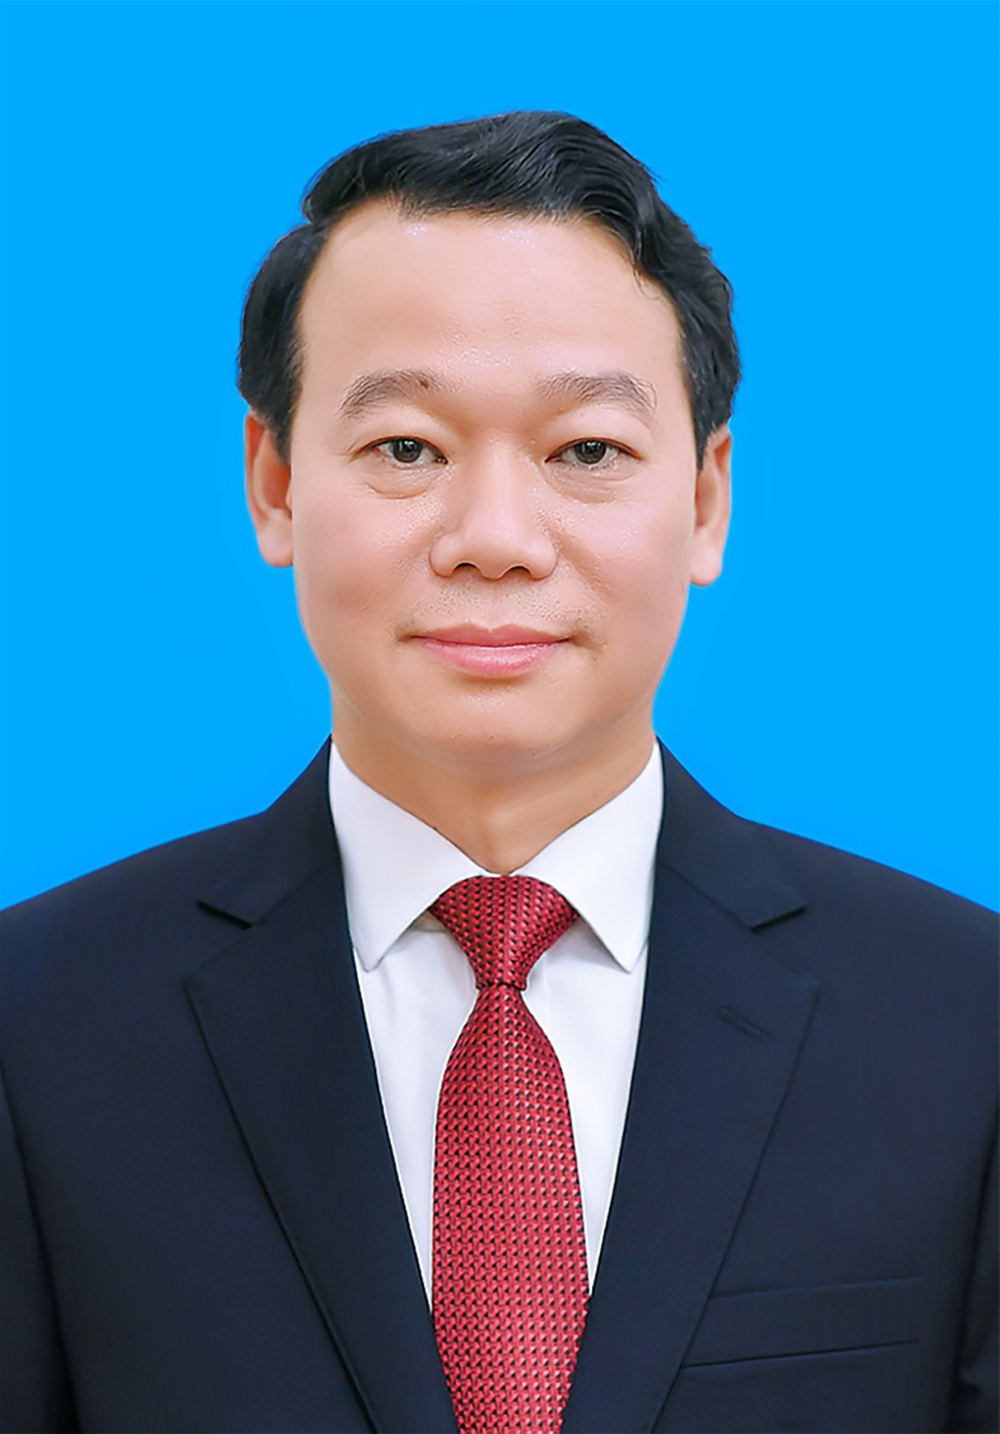 Bí thư Tỉnh ủy Yên Bái khóa XIX, nhiệm kỳ 2020 - 2025